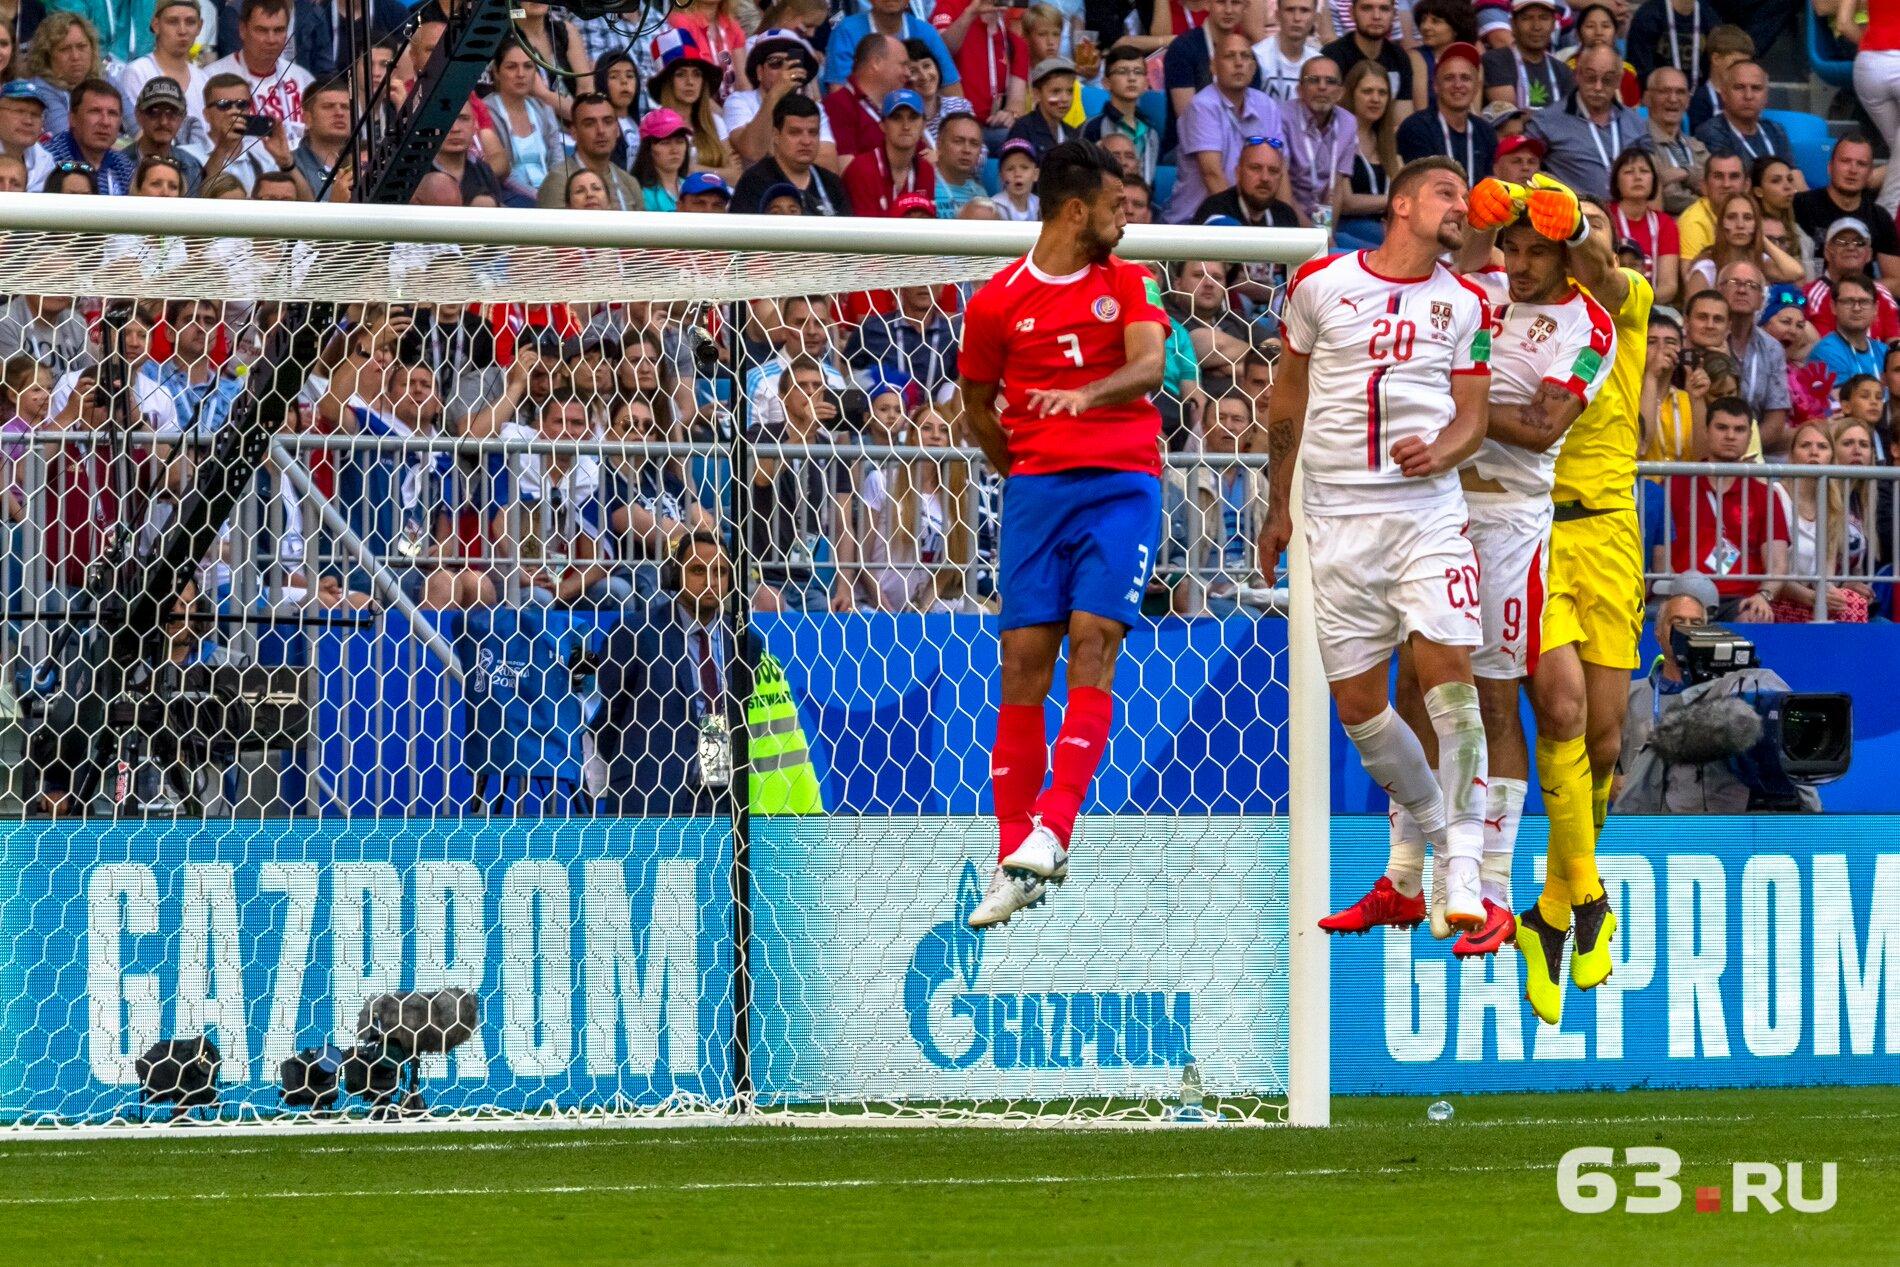 Футбольные па в исполнении сербов и костариканцев